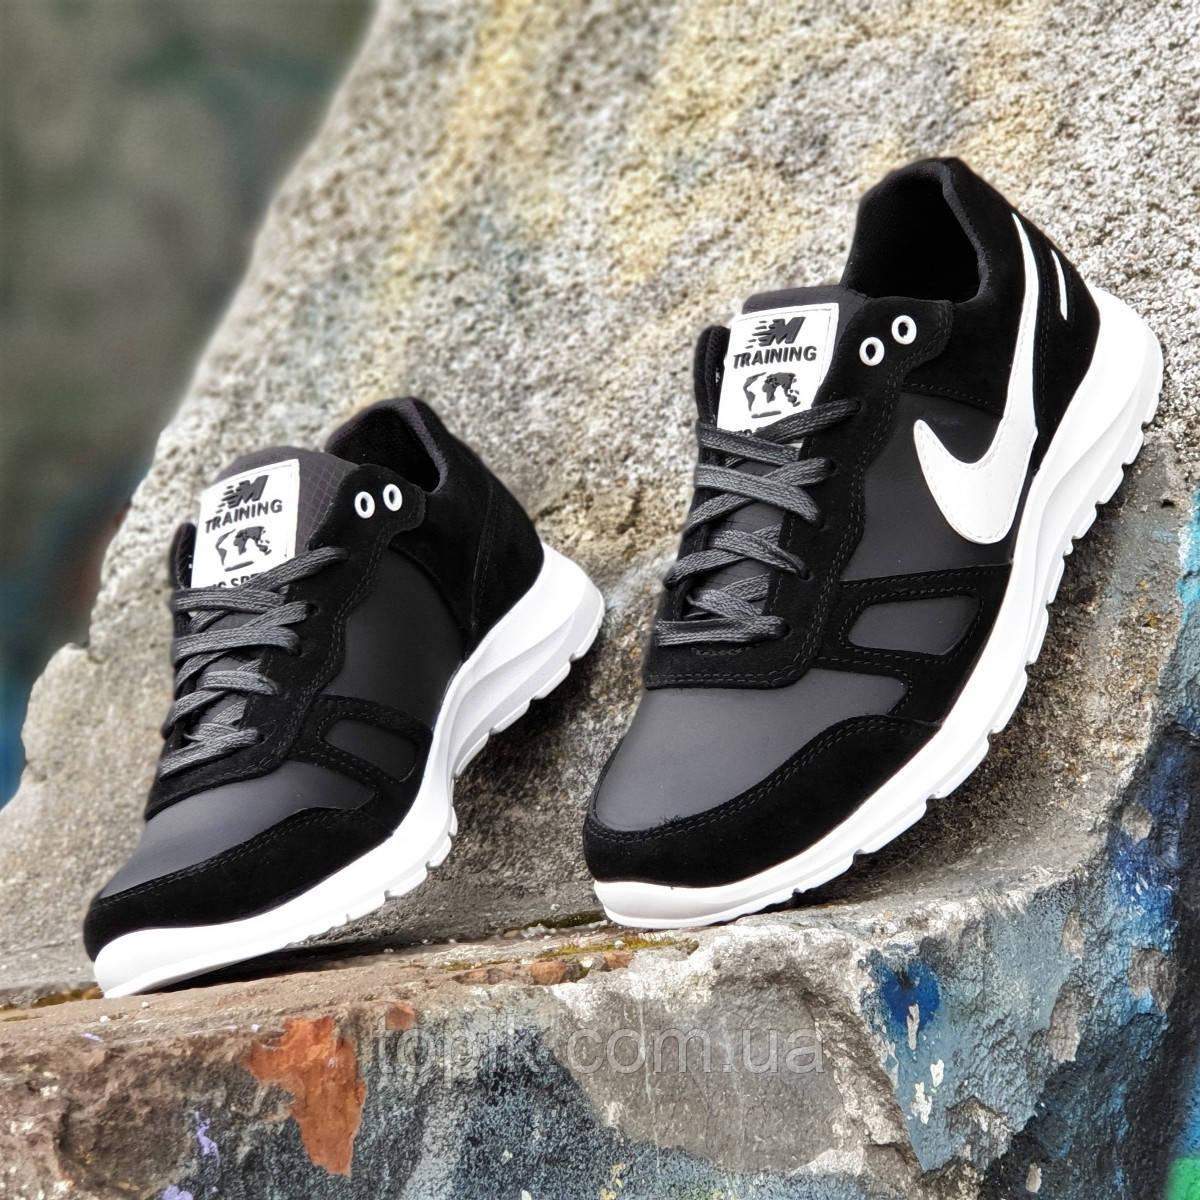 ada32995 Мужские кроссовки кожаные черные (Код: 1382а): купить в интернет ...